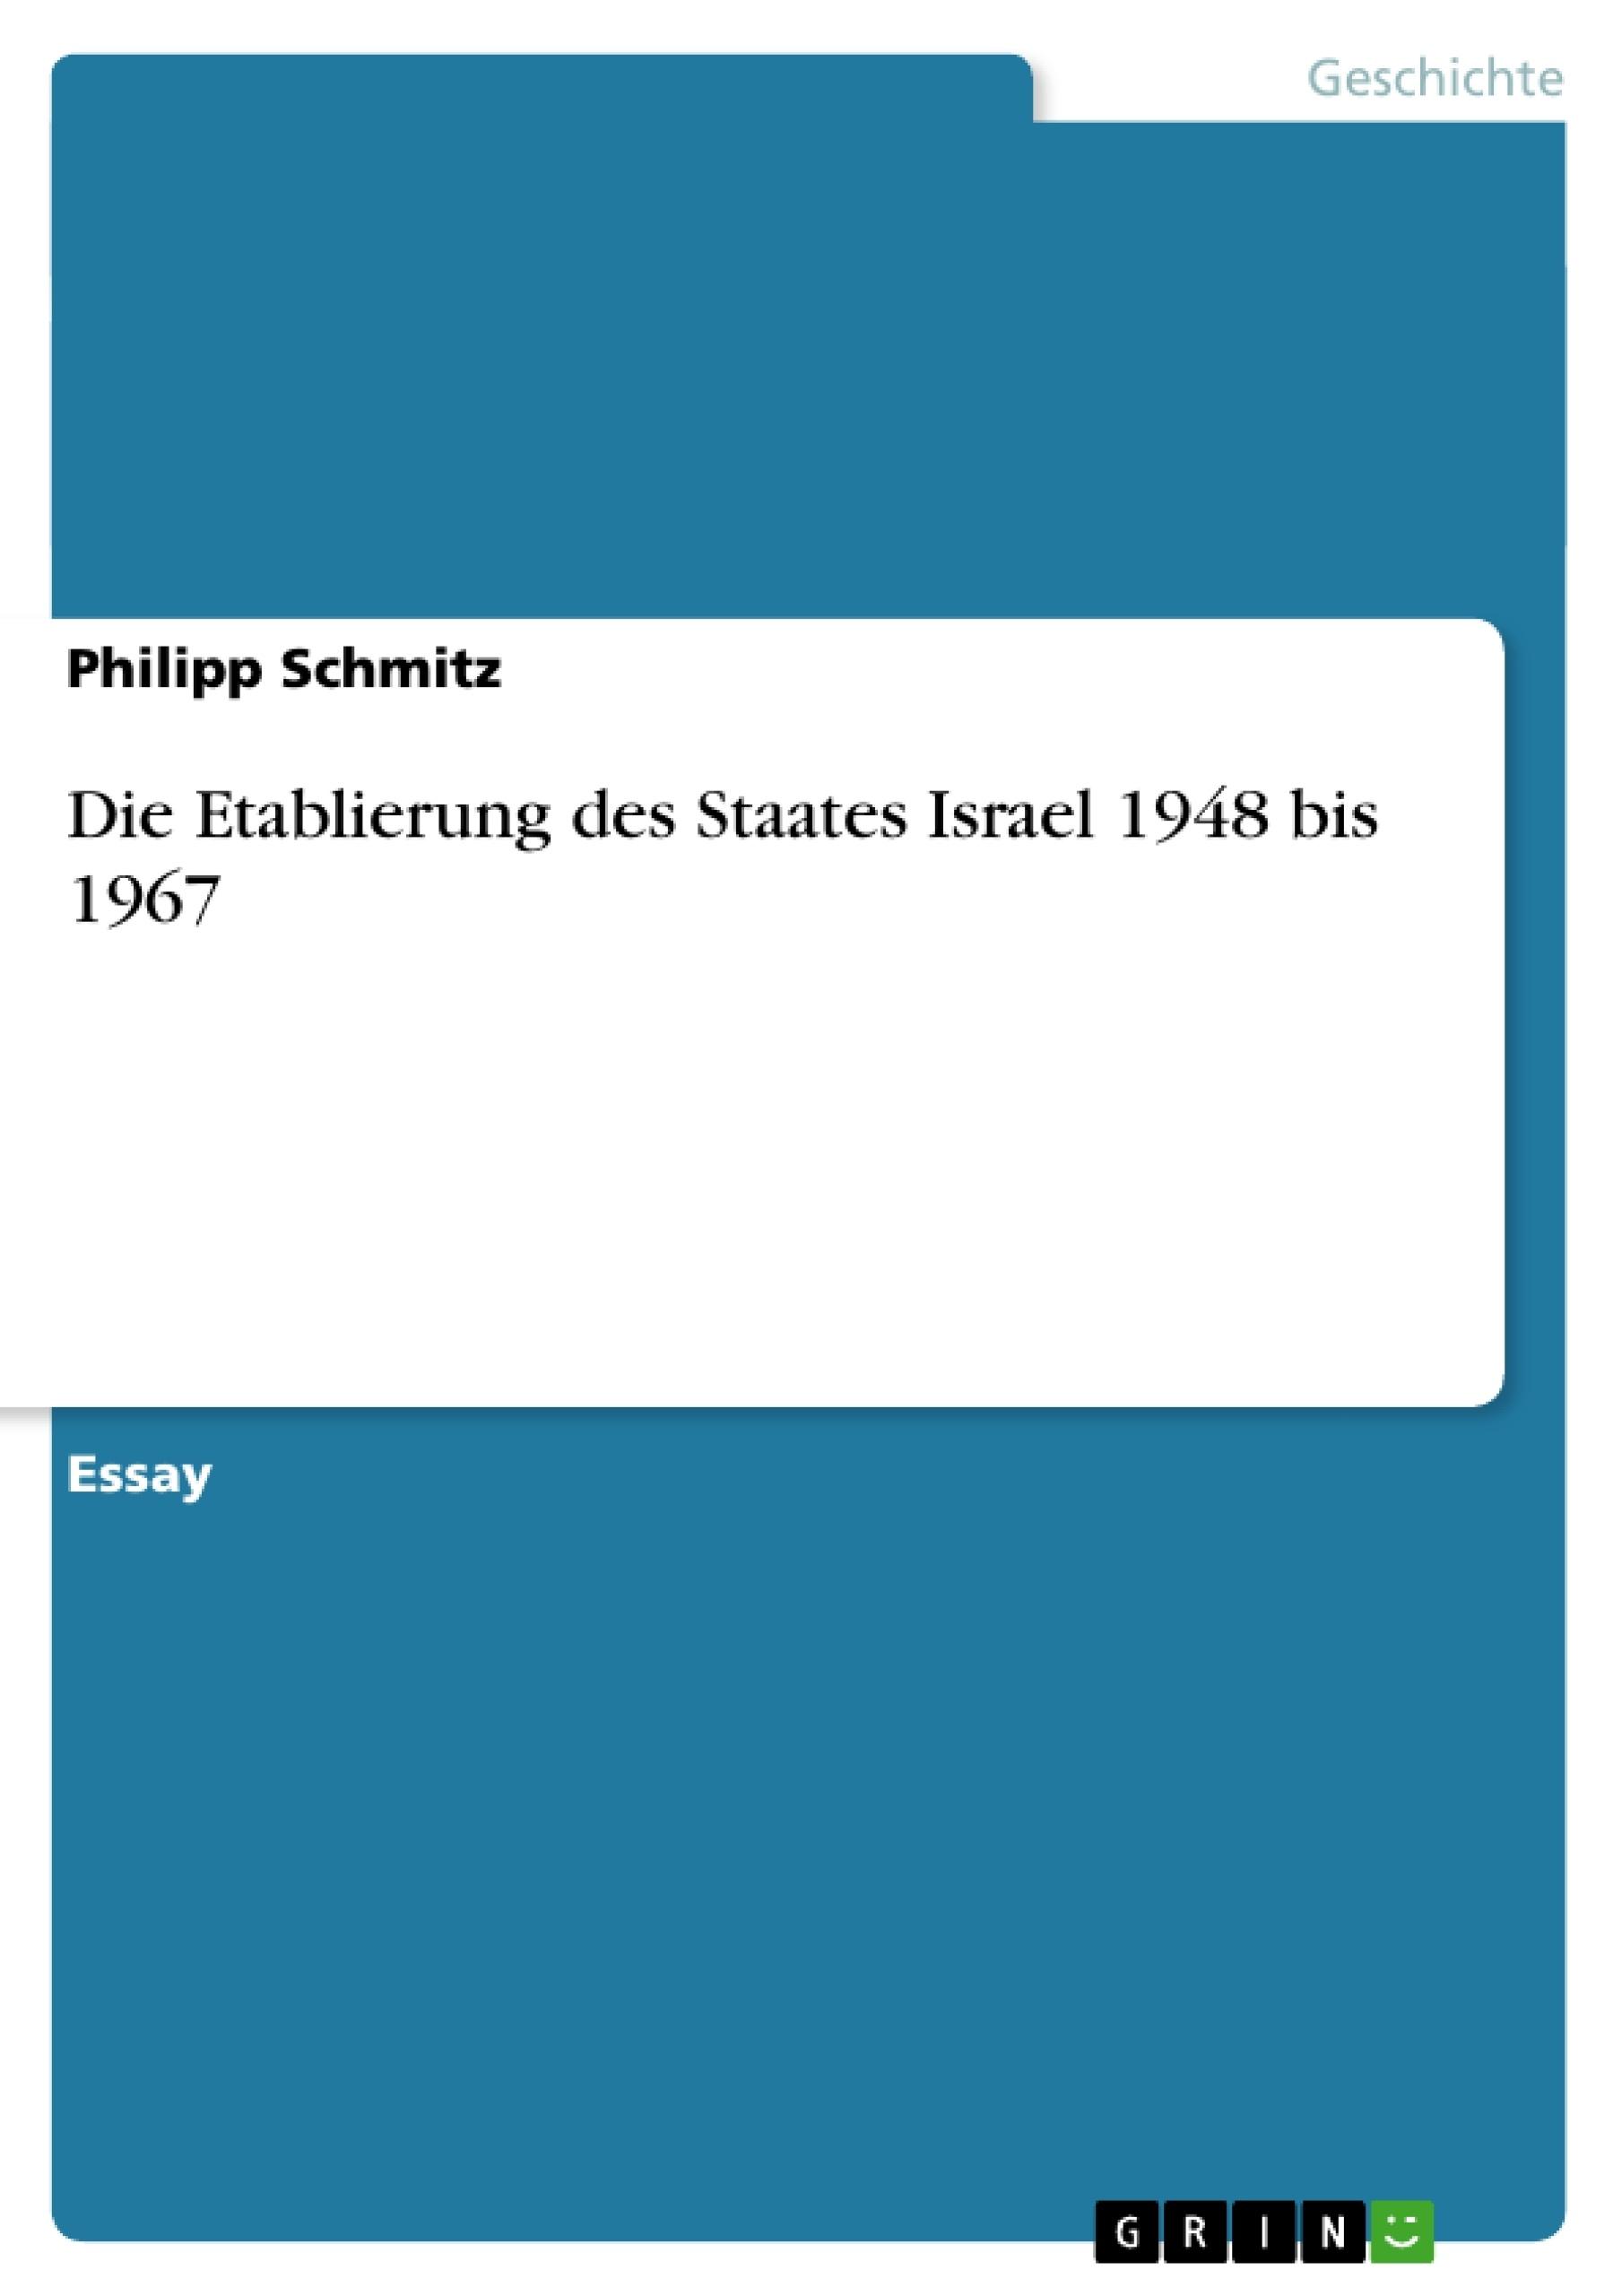 Titel: Die Etablierung des Staates Israel 1948 bis 1967